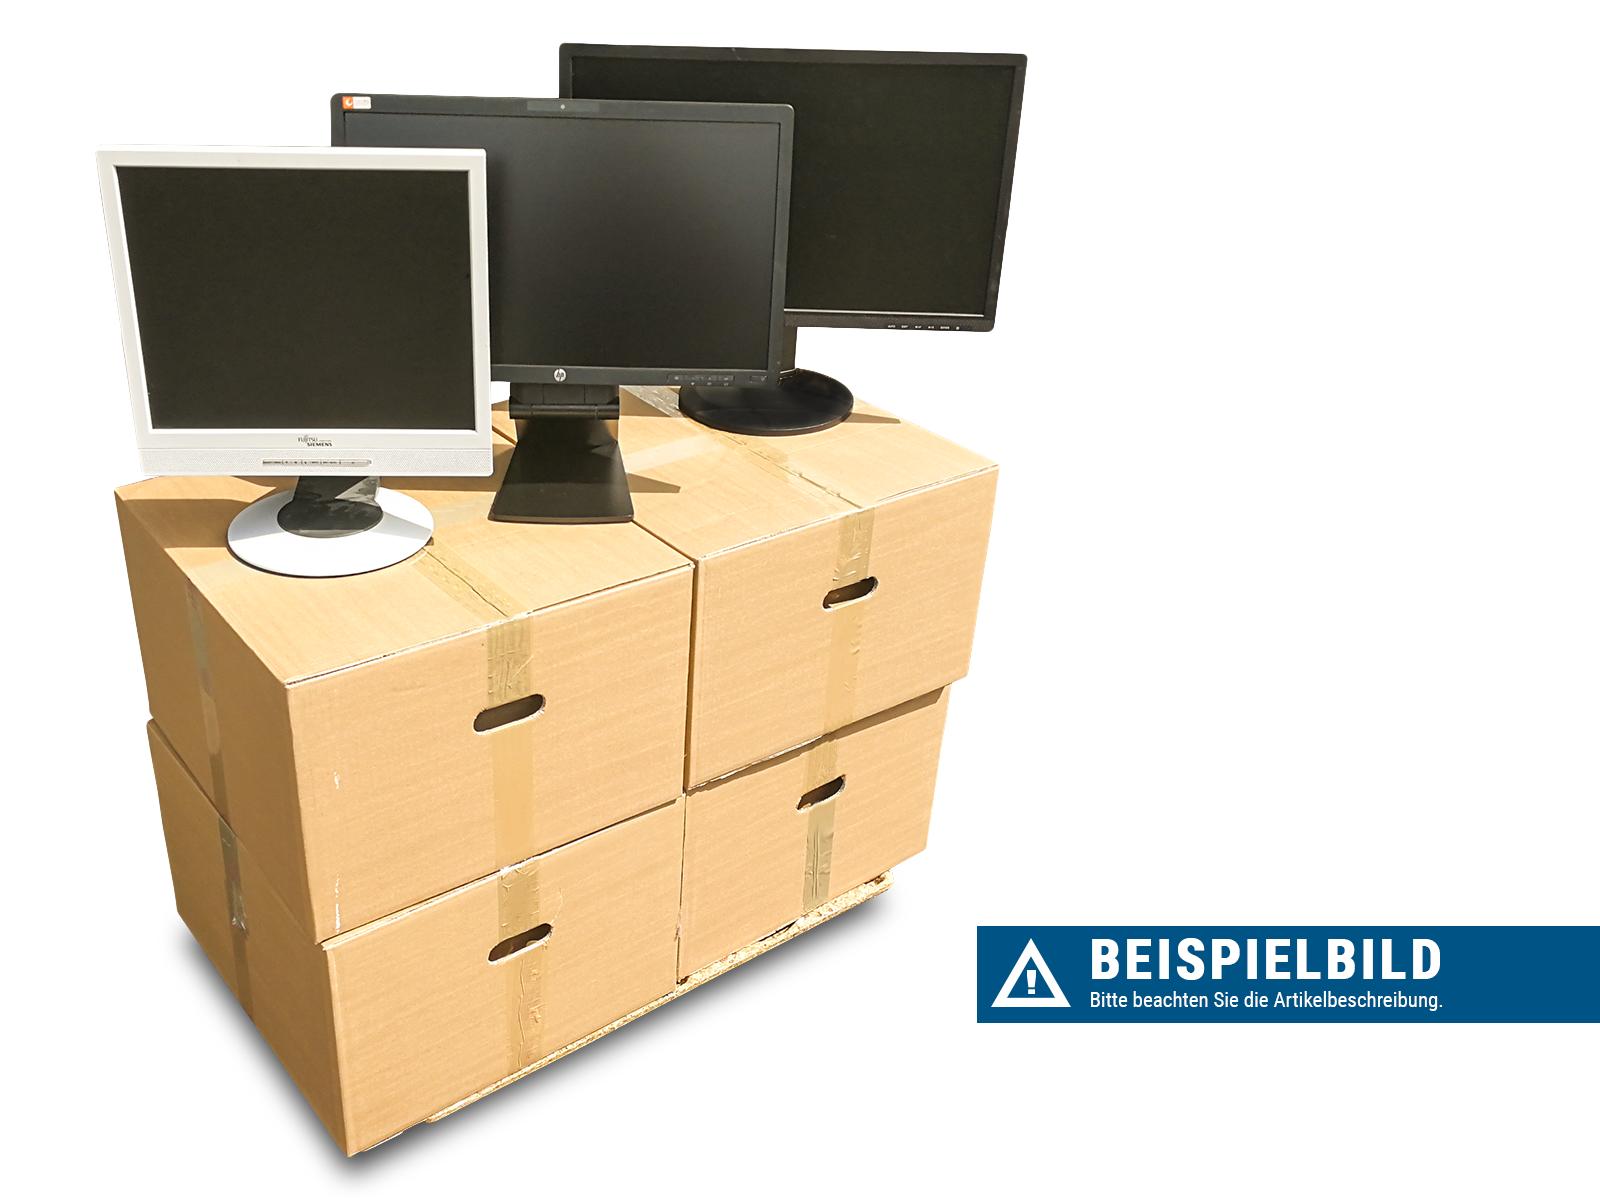 TFT PAKET: 13 Stück lt. Liste - Ohne Gewähr auf Vollständigkeit und Funktionsfähigkeit - Ungetestet direkt vom Endanwender - shop.bb-net.de